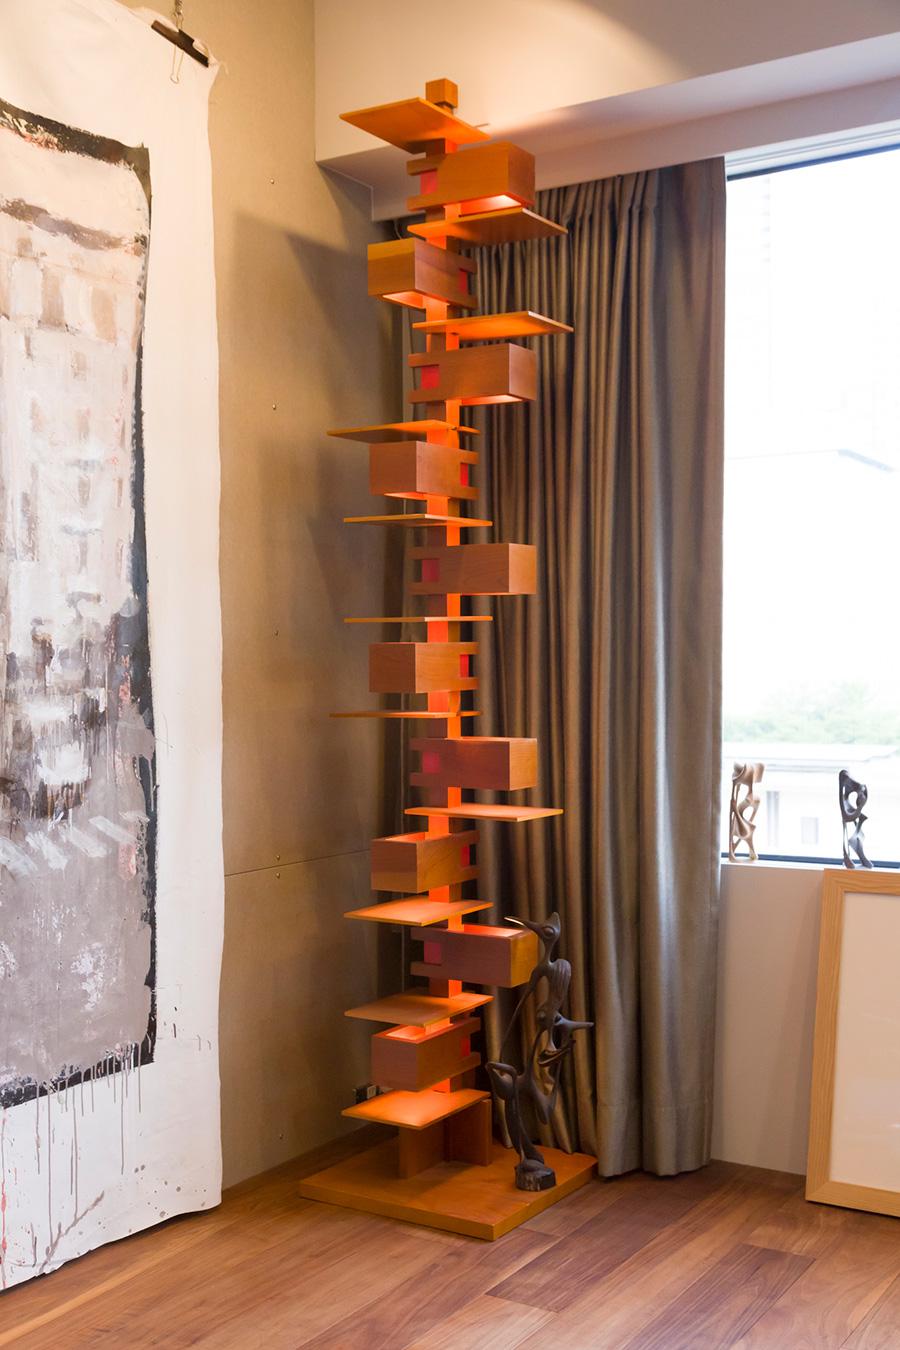 部屋の中にはもうひとつのタワー、建築家フランク・ロイド・ライトの名作、『タリアセン2』のフロアライト。